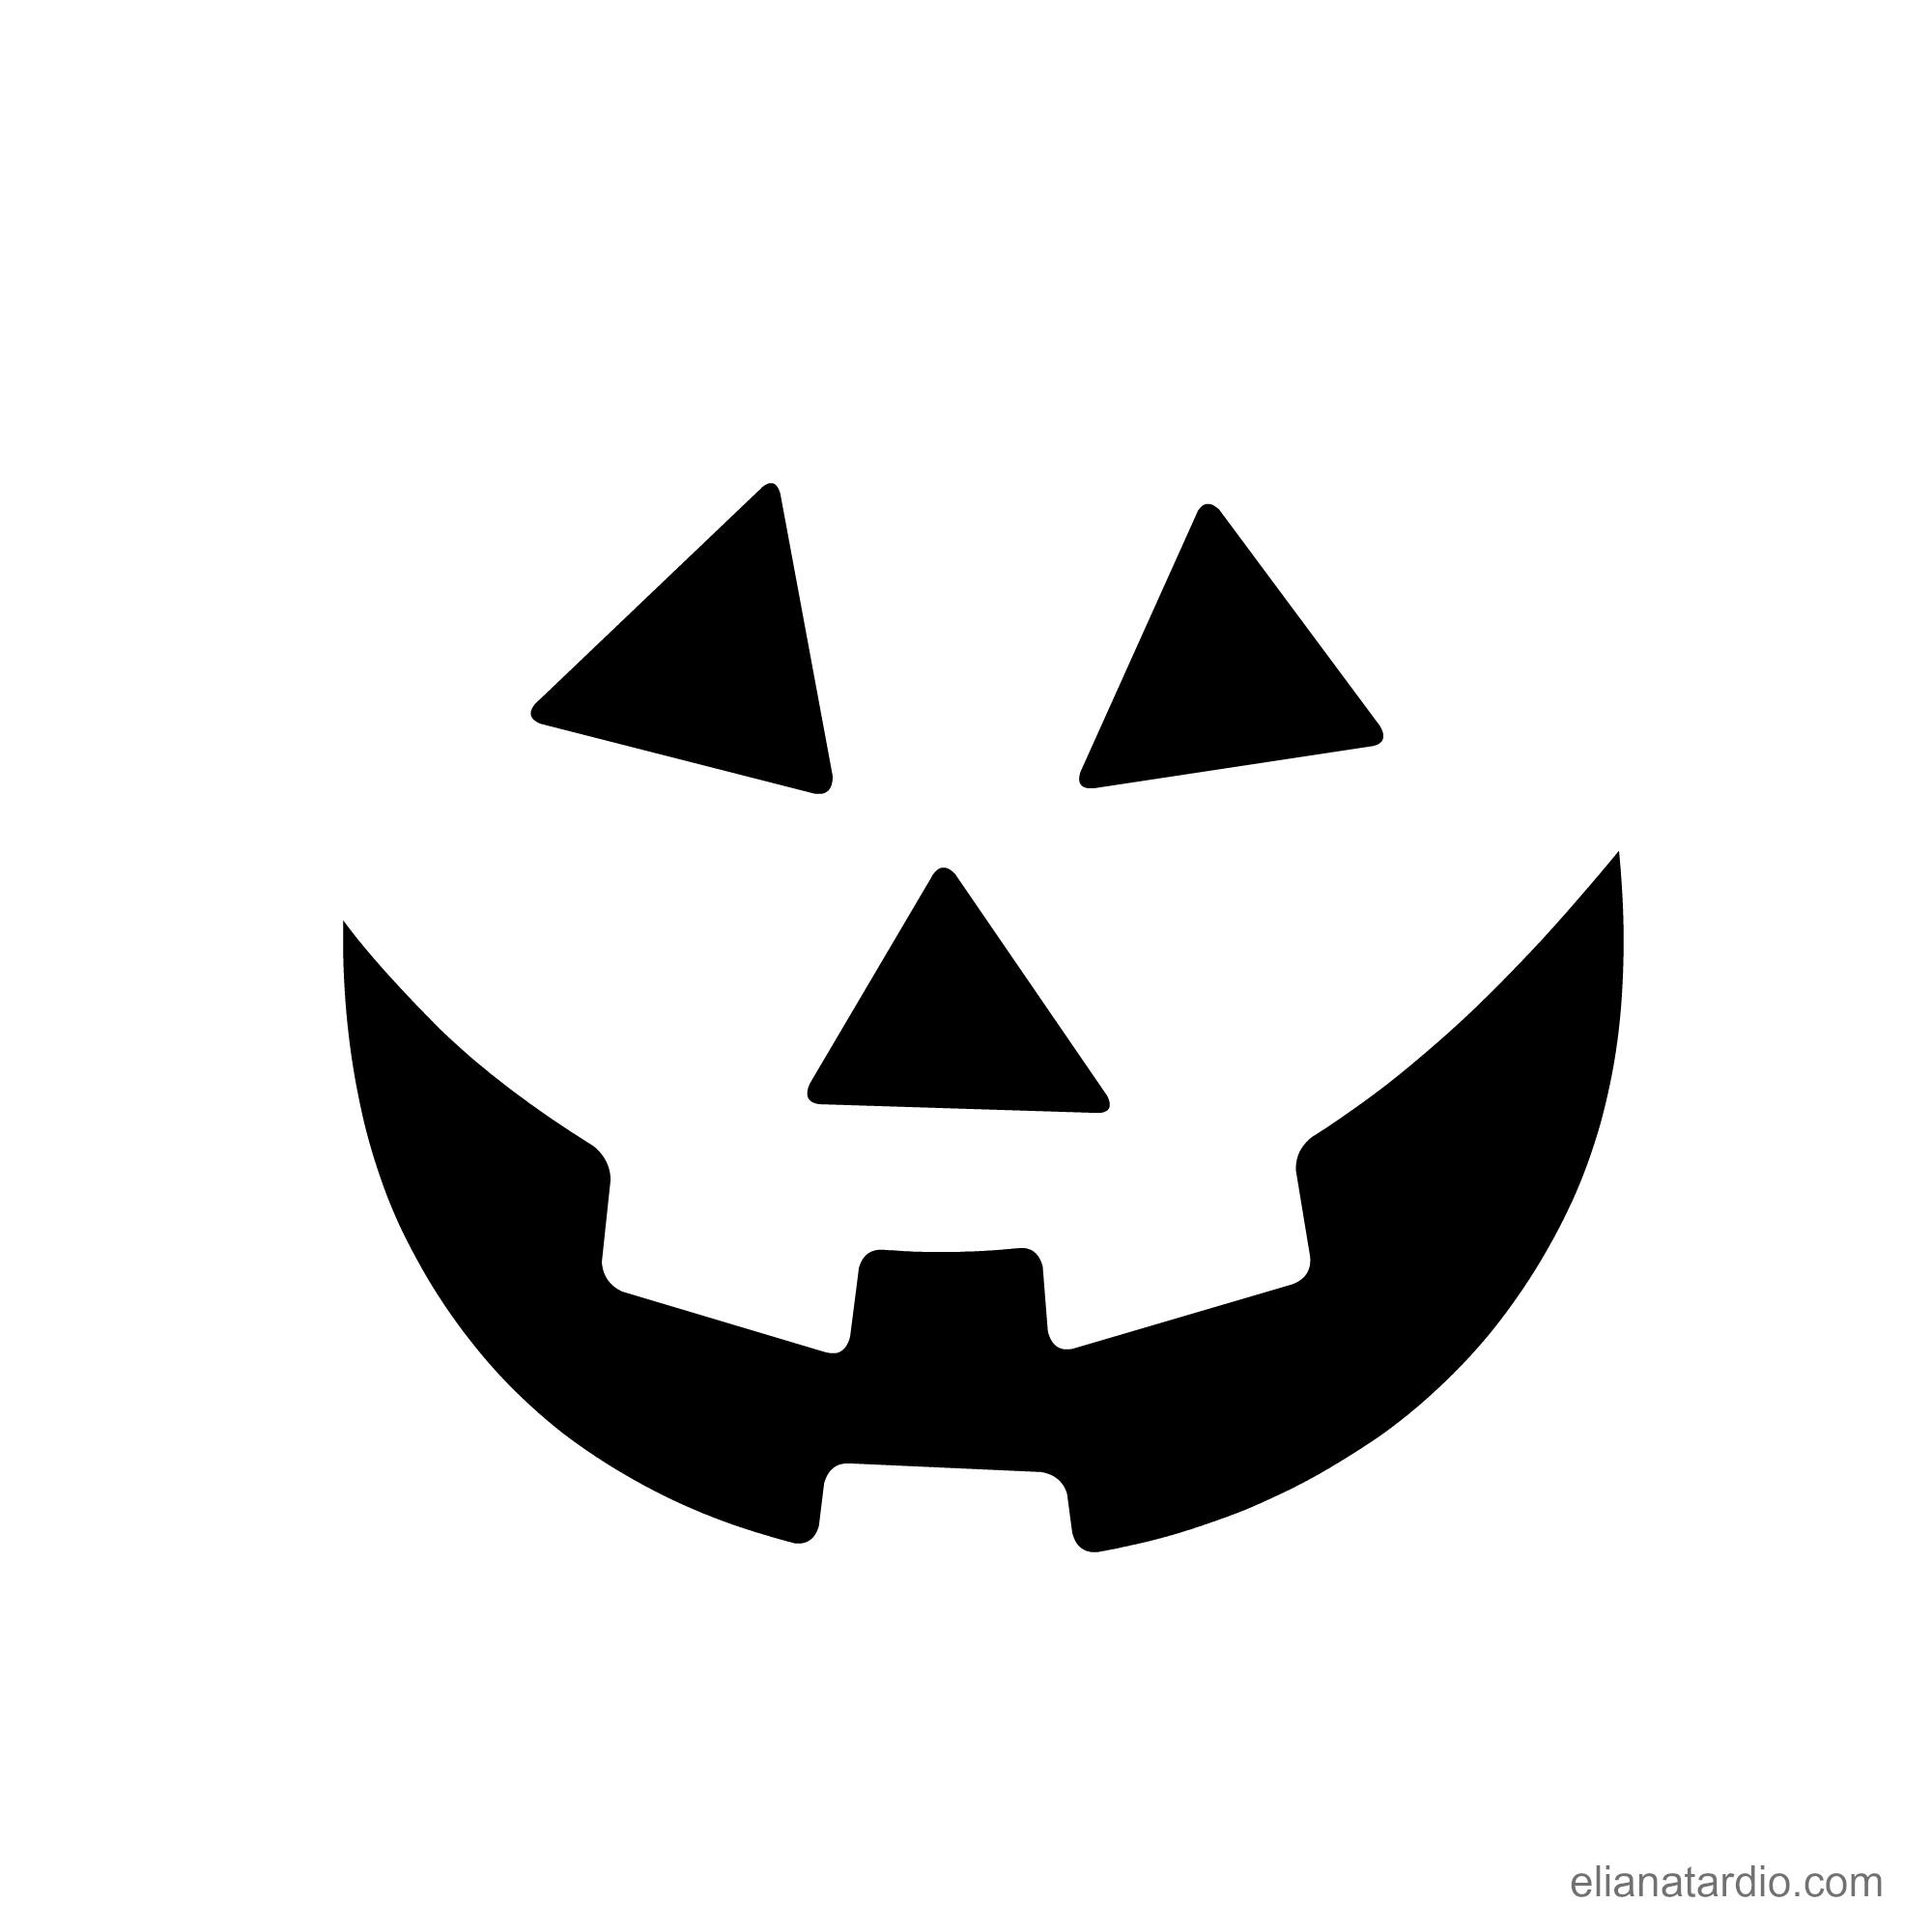 Hermosa Recortes De Halloween Para Imprimir Cresta - Dibujos Para ...